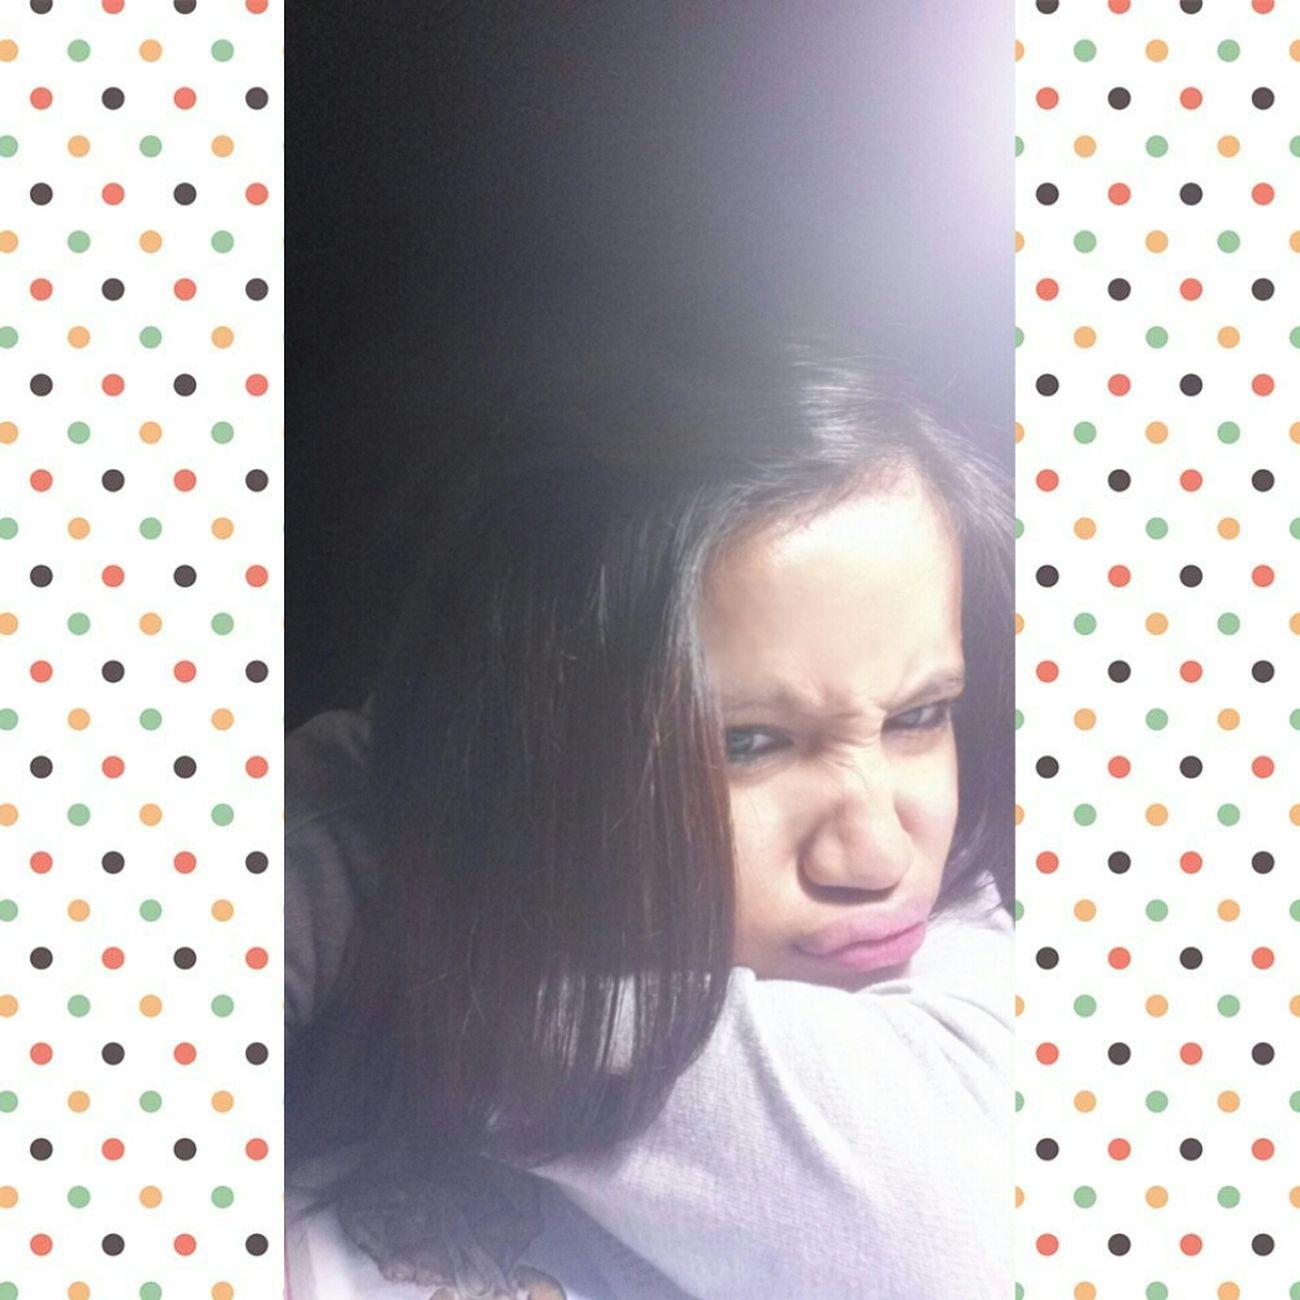 Duckface LOL Boring Times Hey ?